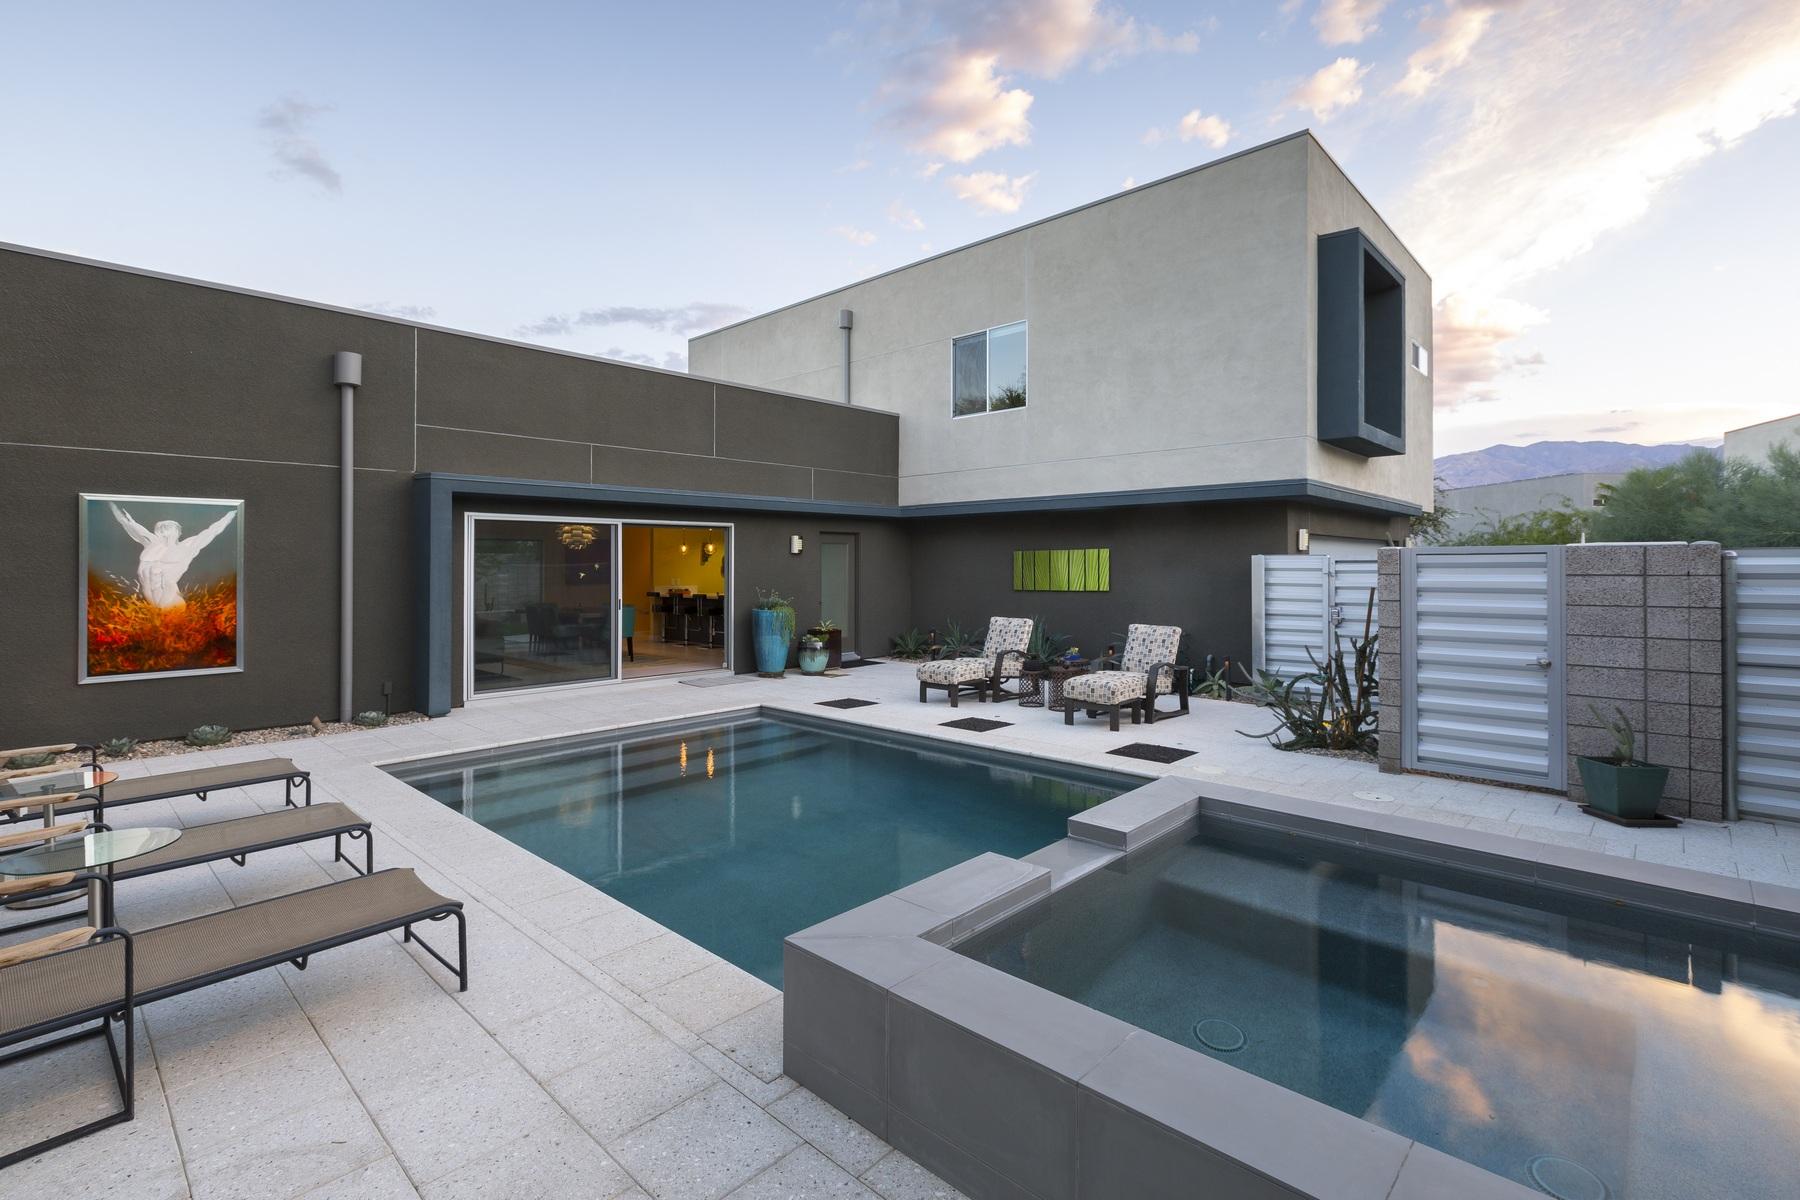 独户住宅 为 销售 在 444 Chelsea Drive Palm Springs, 加利福尼亚州 92262 美国